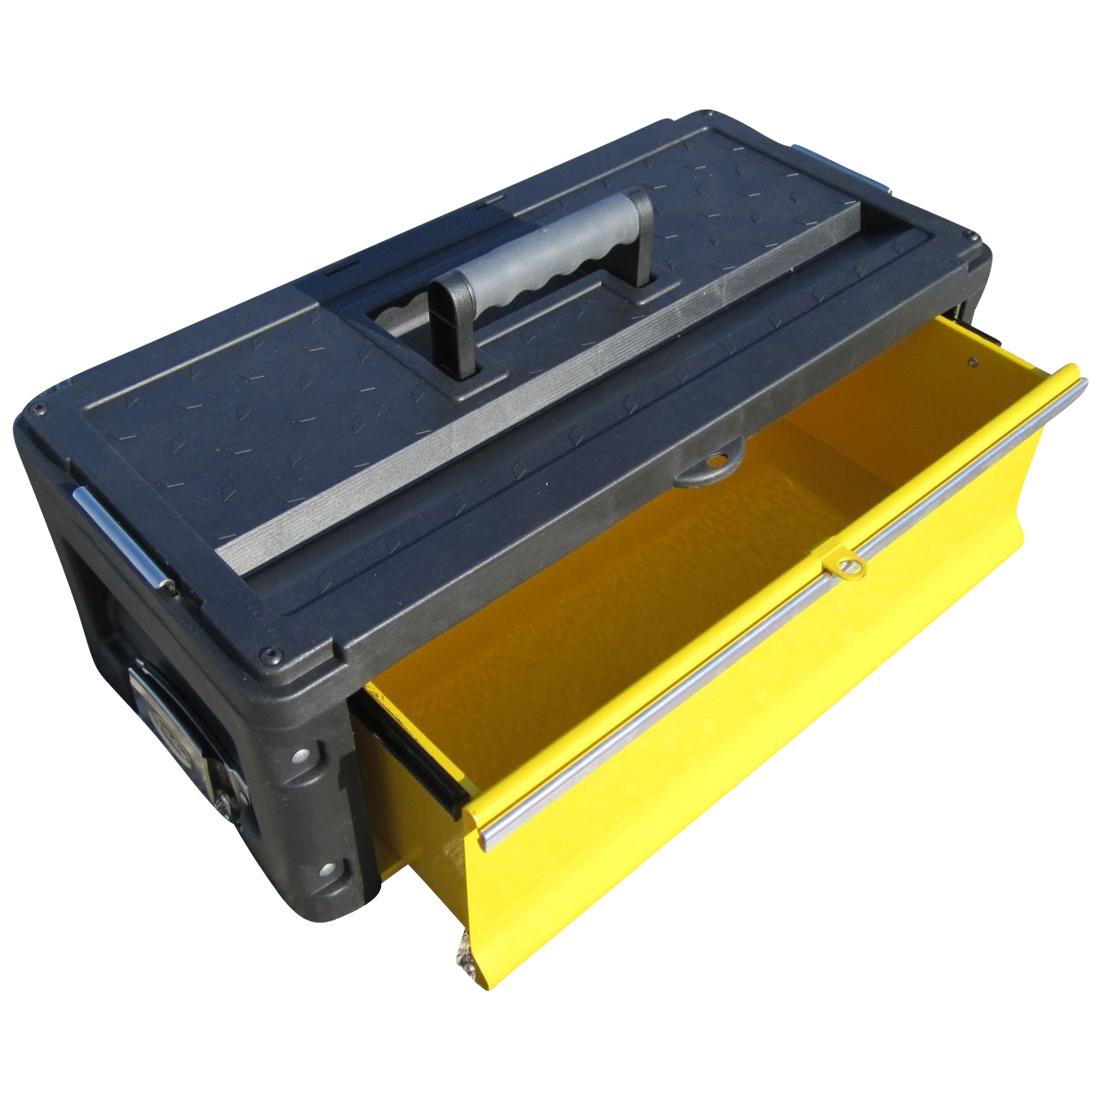 Metall Werkzeugtrolley XXL Type: B305ABCD -> jetzt neu mit Schubladenverriegelung und Schloss